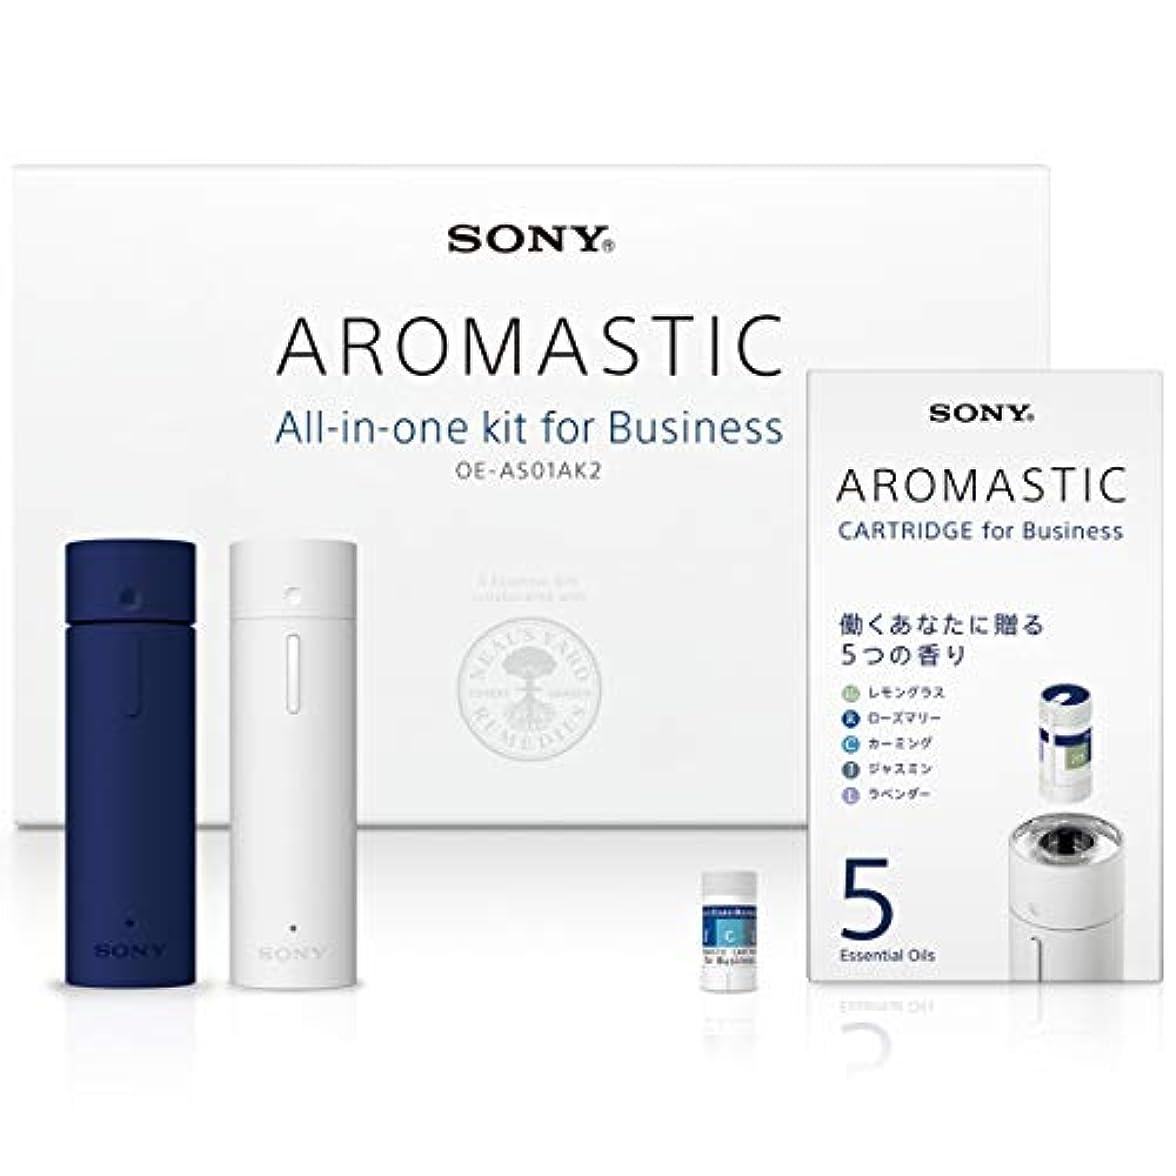 宝料理レンダリングAROMASTIC All-in-one kit for Business (オールインワンキット for Business) OE-AS01AK2